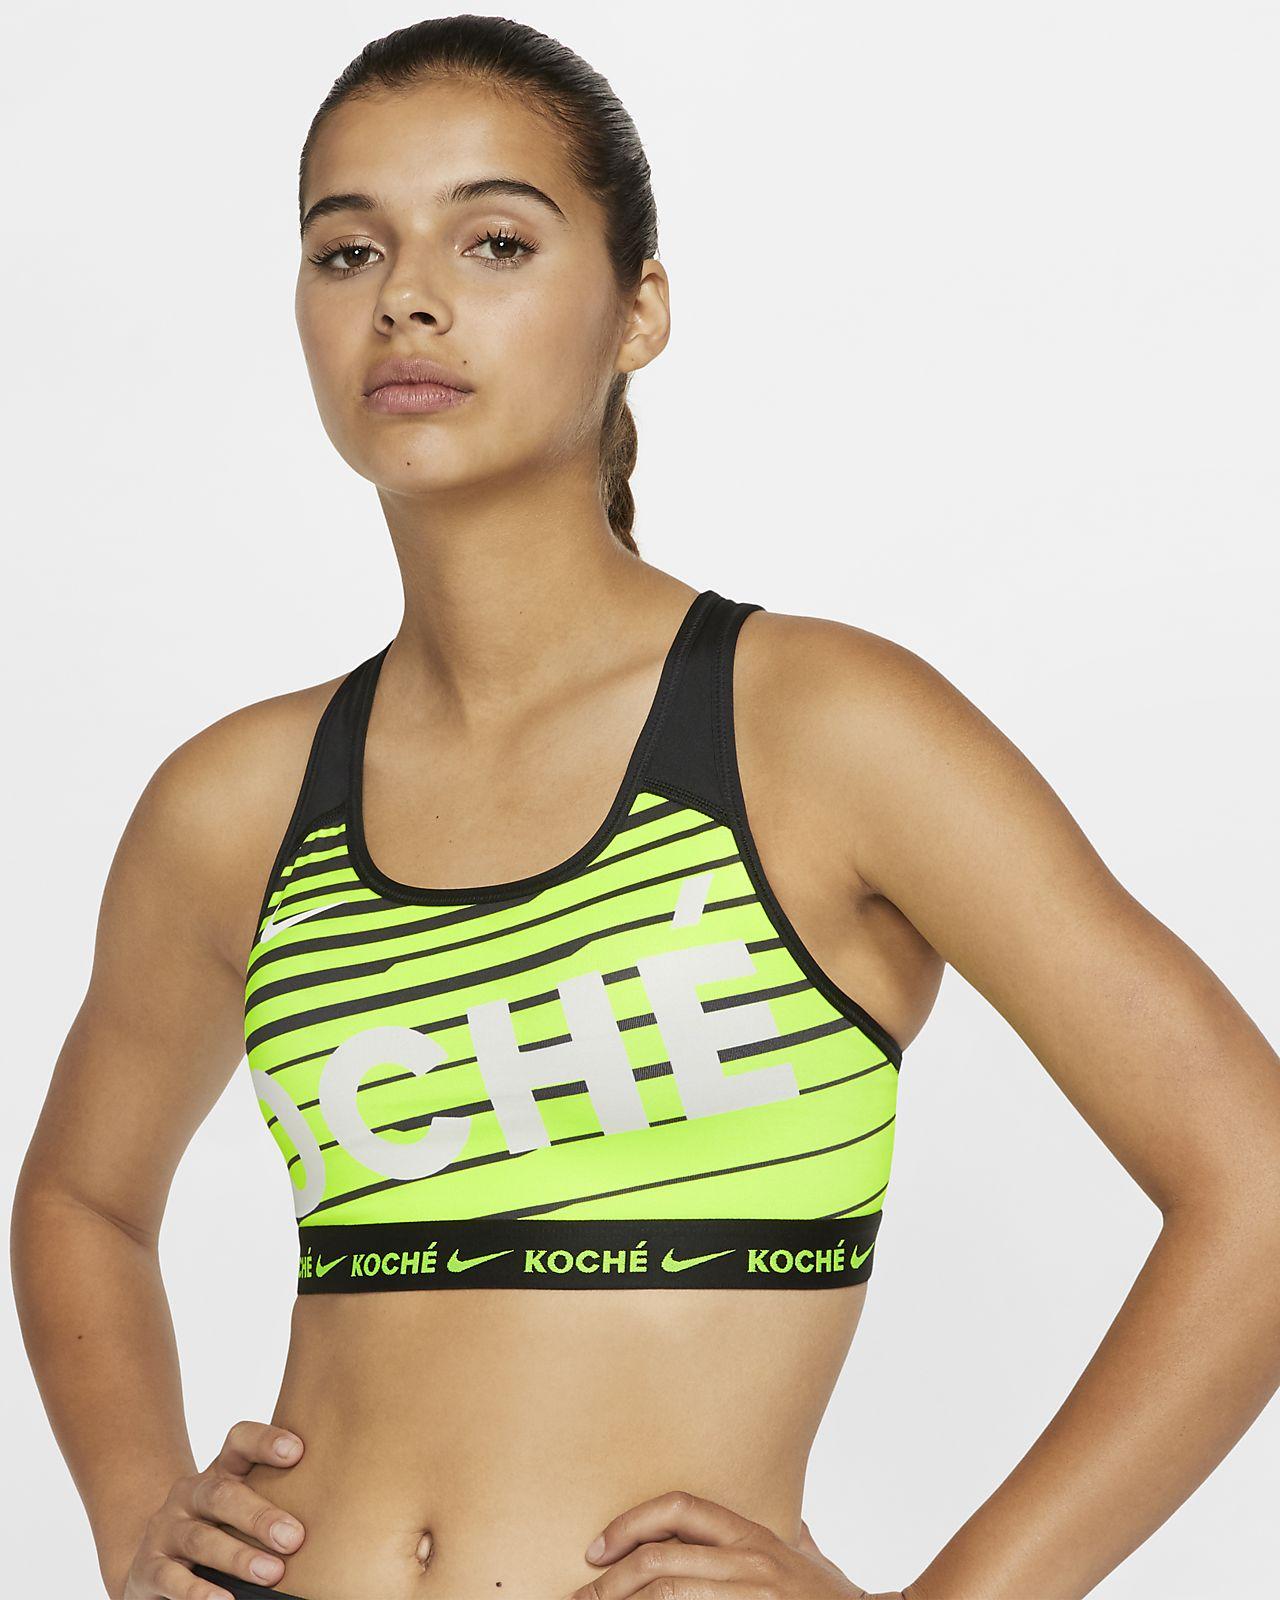 Nike x Koche női melltartó